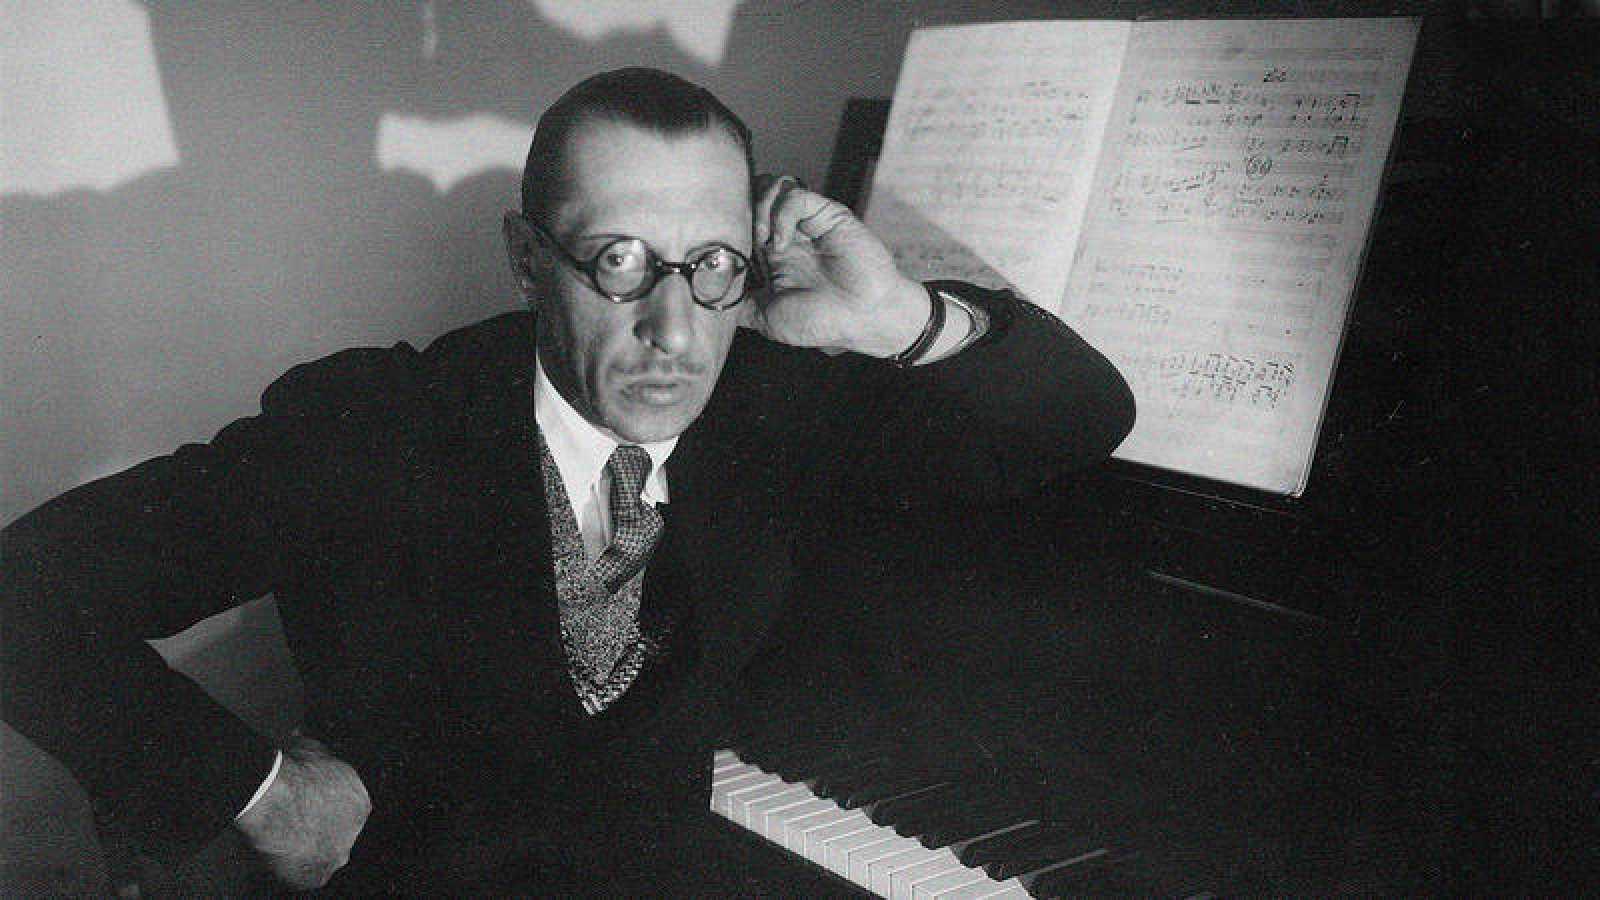 Stravinsky, el emblema moderno que nació de todas las tradiciones